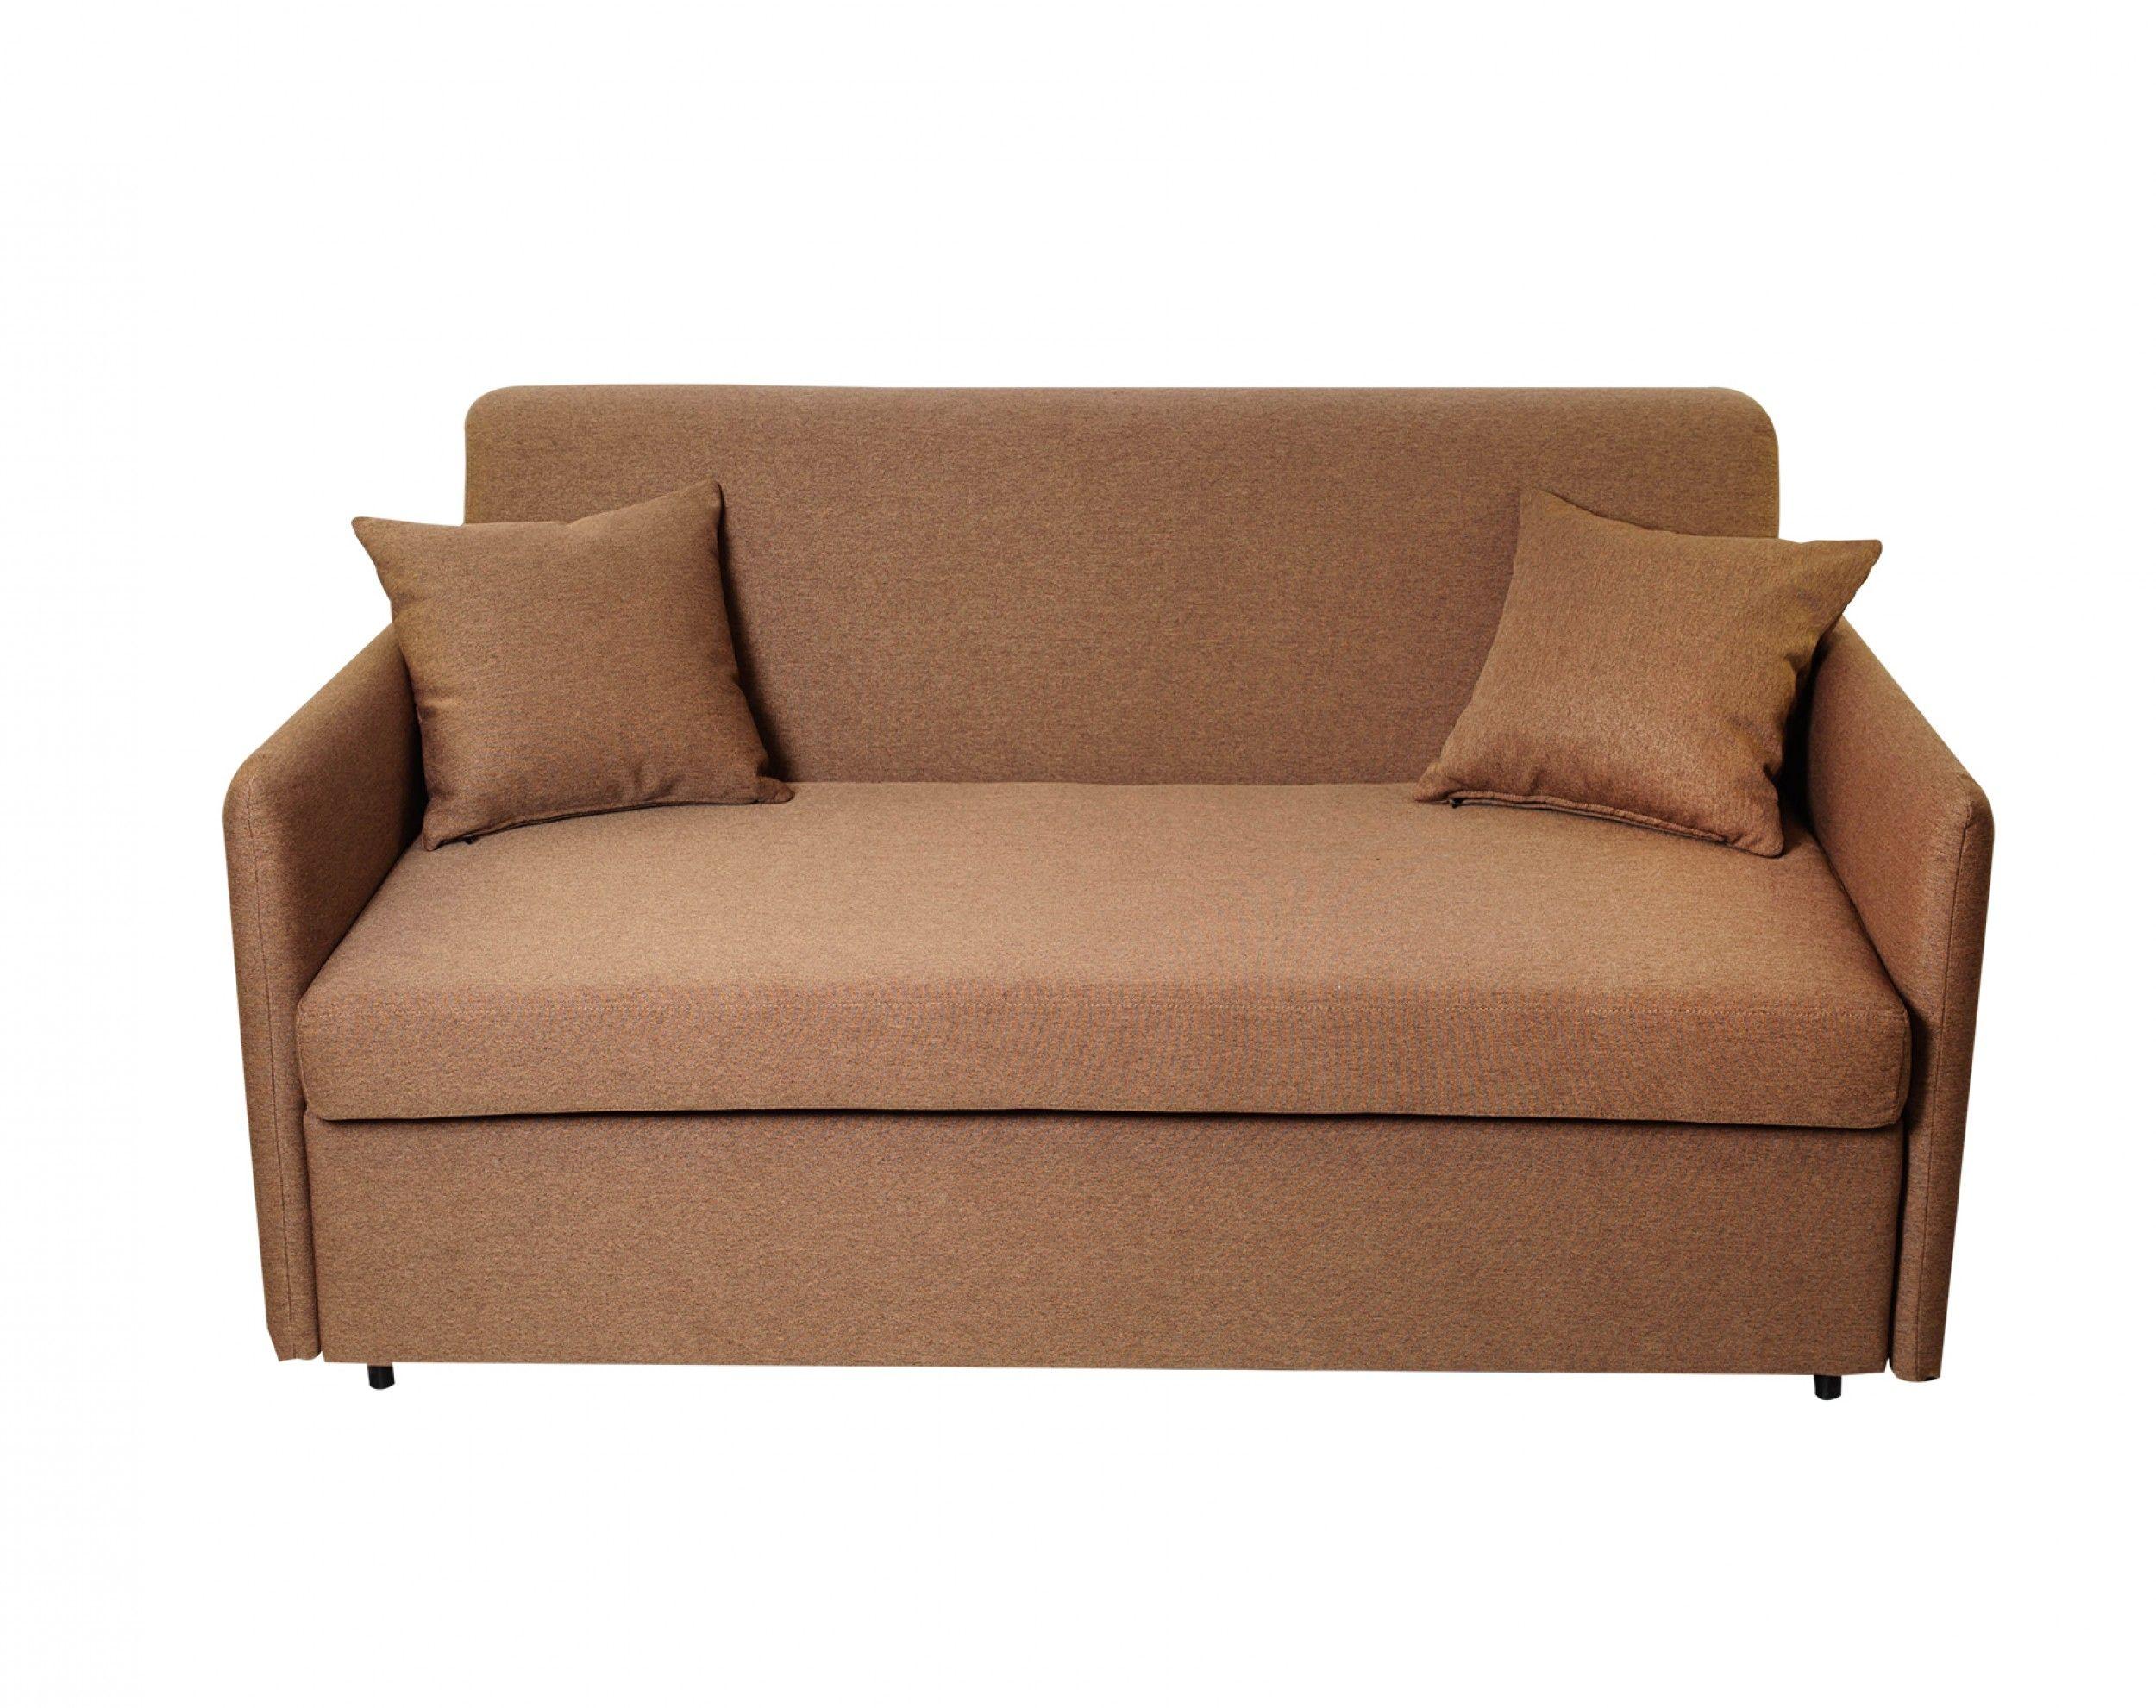 A maze l shape extensible sectional colour bordeaux sofa a maze l shape extensible sectional colour bordeaux sofa sofabed sectional extensible comfort cozy storagespace shelf pinterest armchairs parisarafo Images